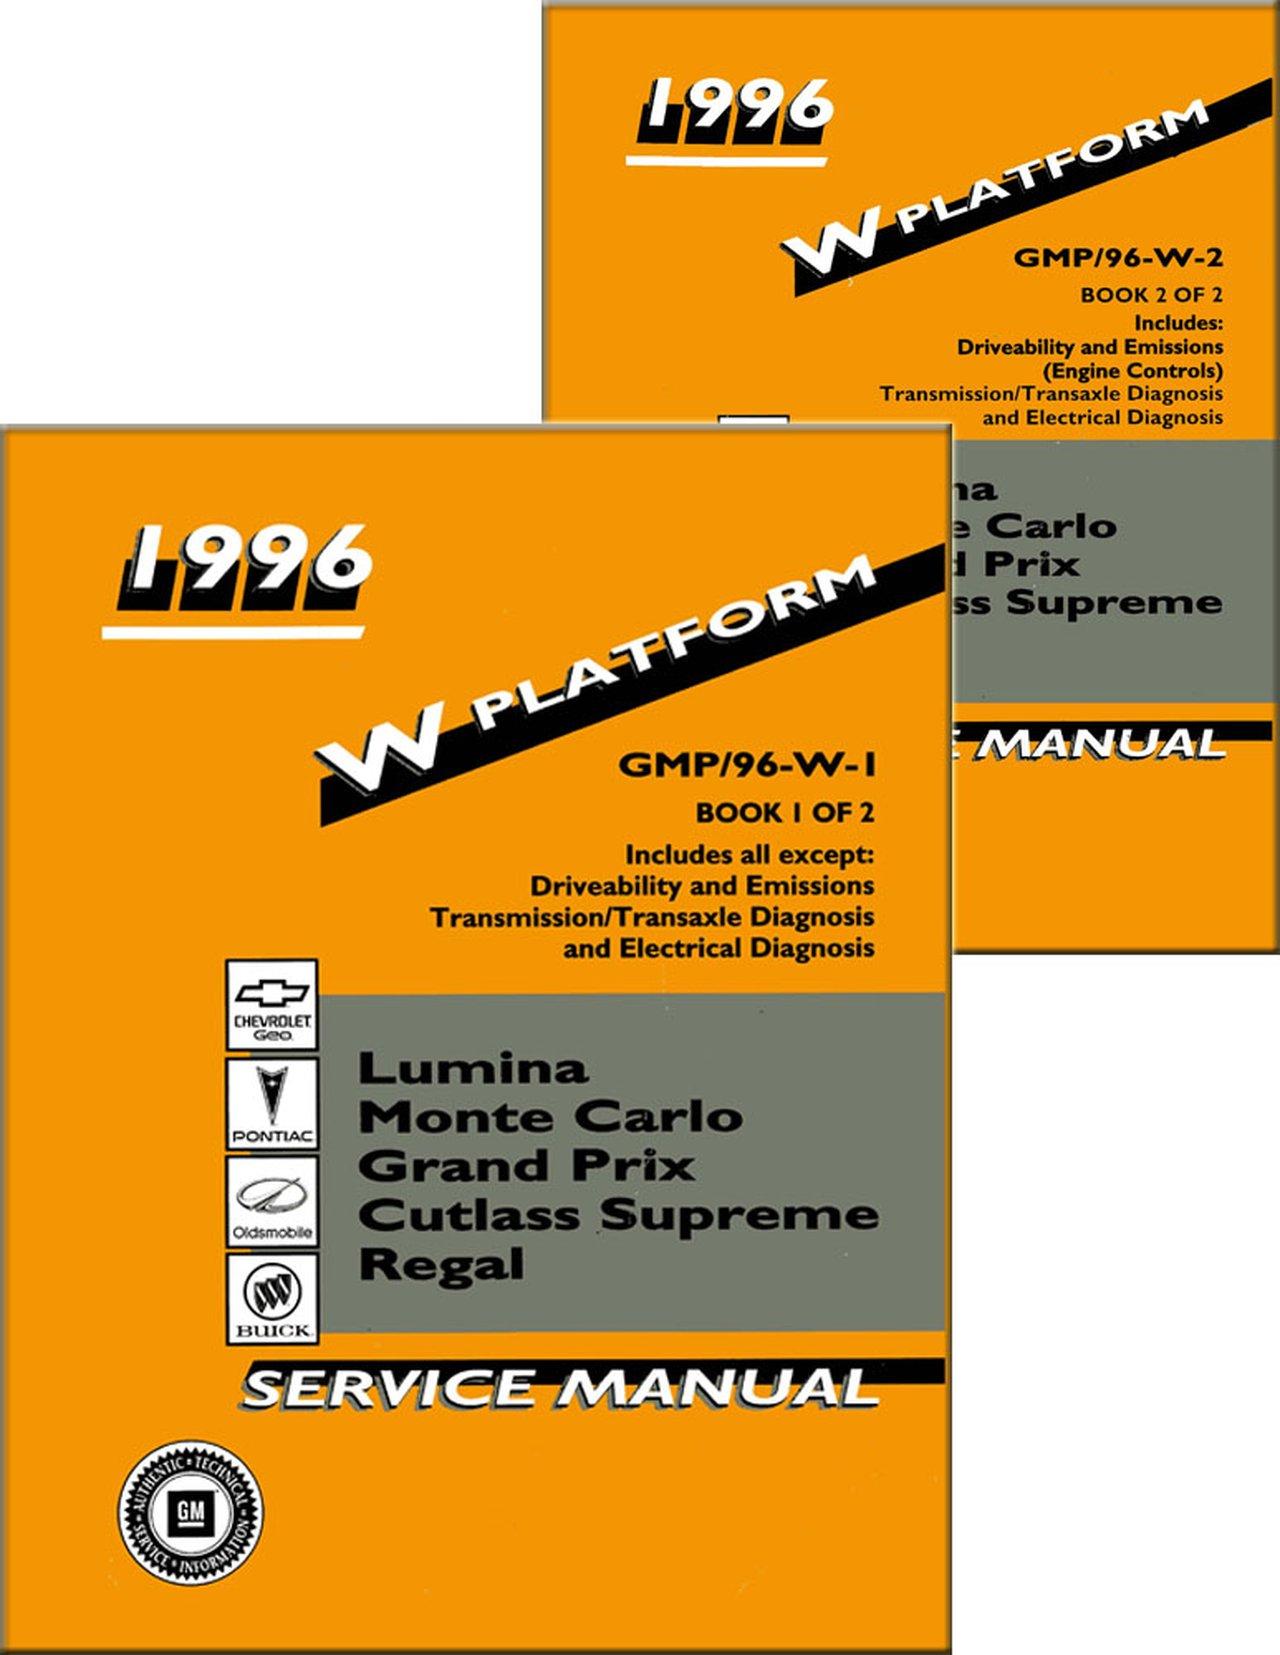 OEM Shop Manual Buick Regal/Lumina/Monte Carlo/Cutlass ...